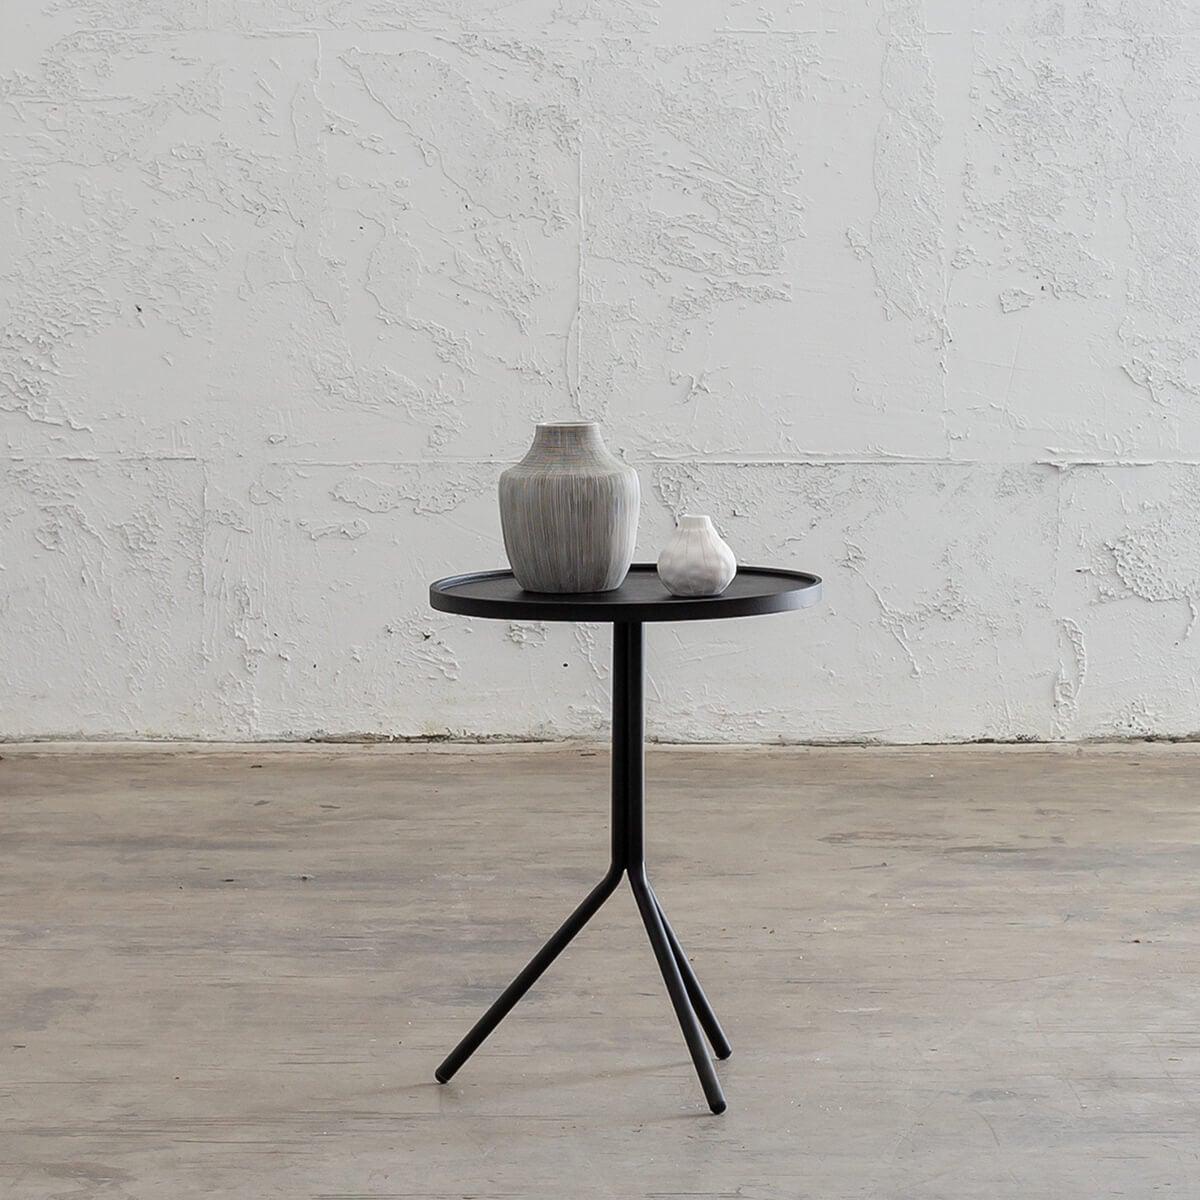 PALOMA OTKA ROUND SIDE TABLE - ANTHRACITE - LARGE